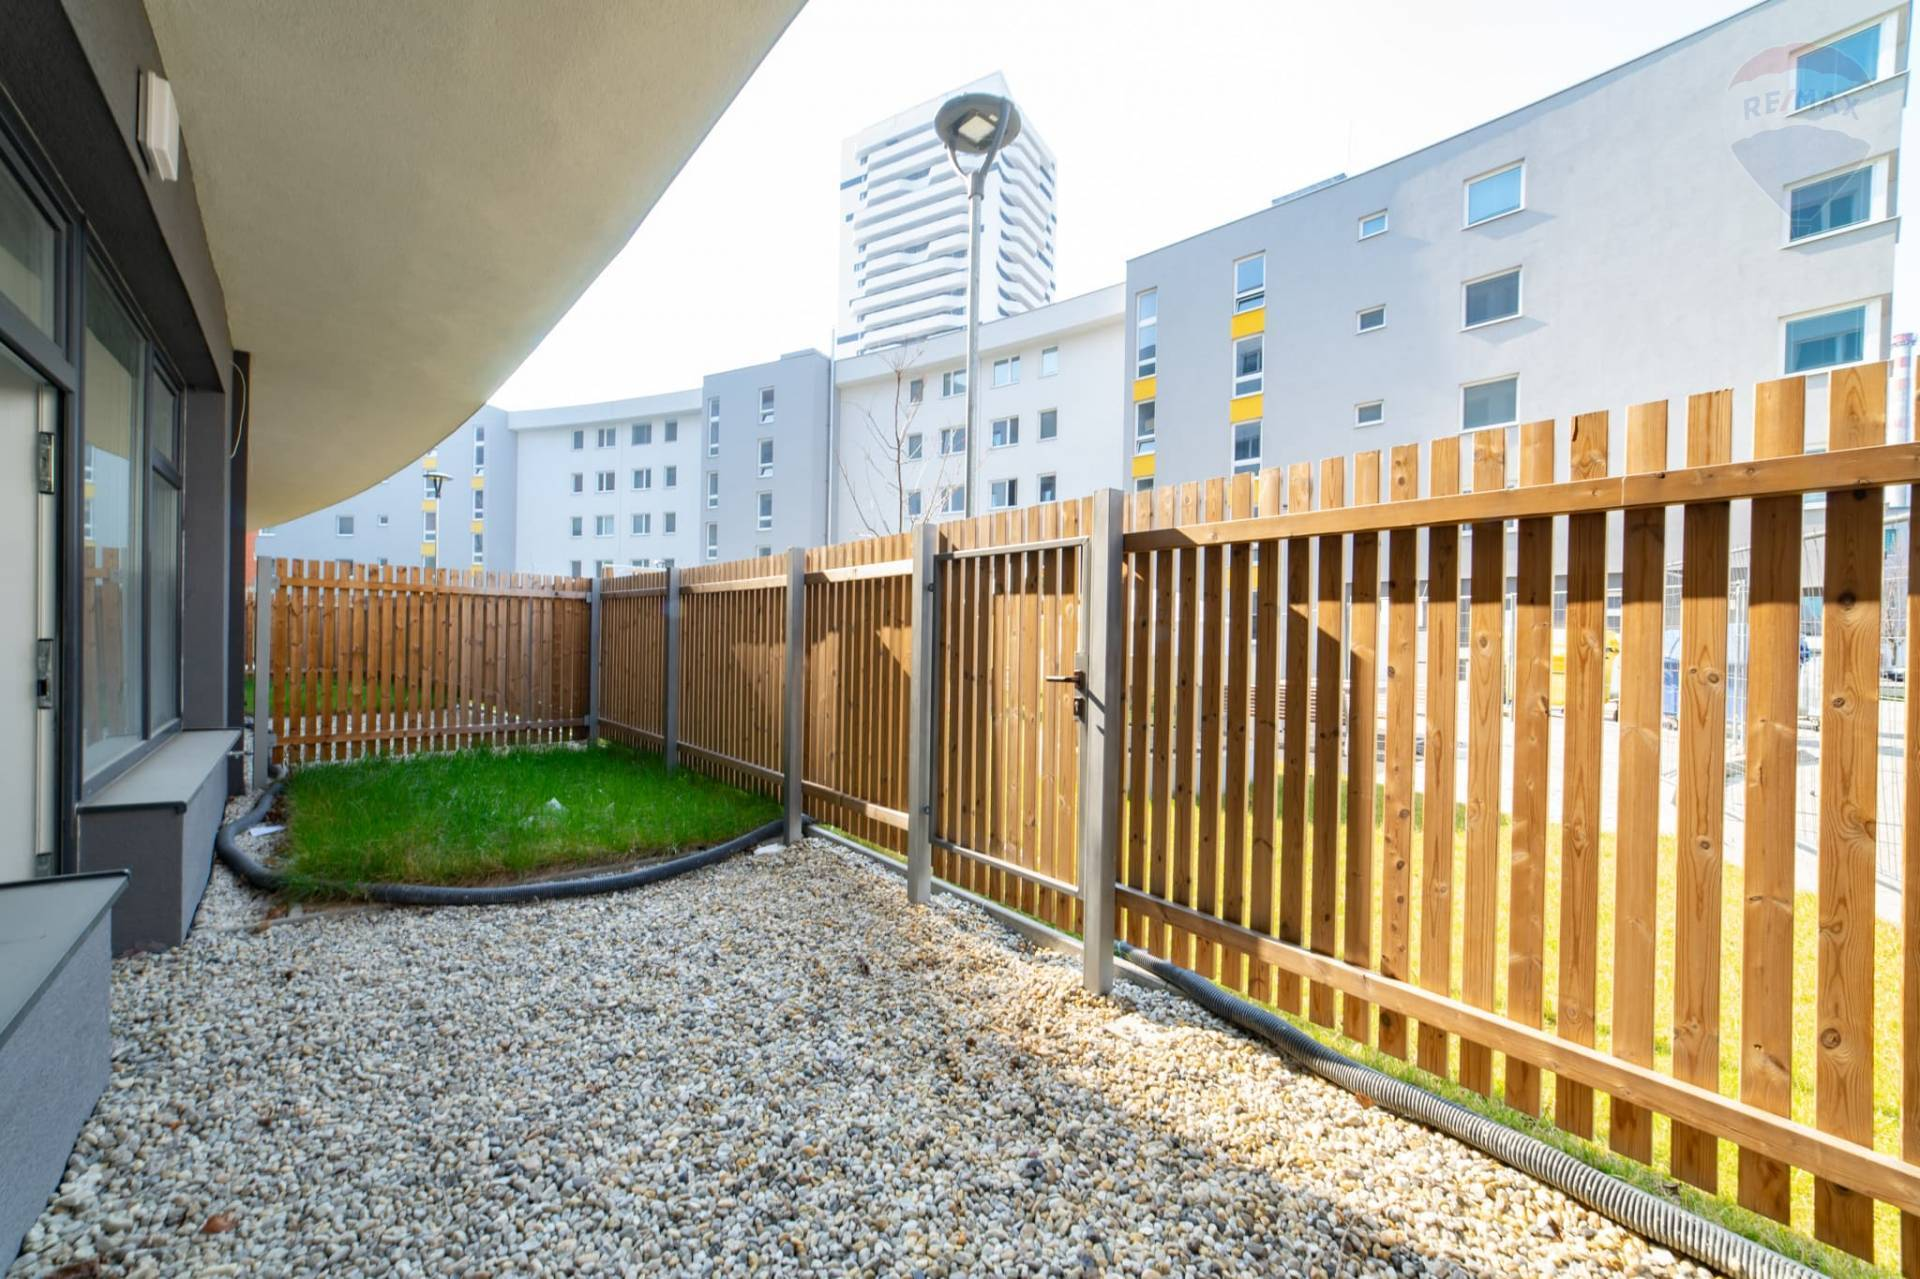 PREDAJ >> Novostavba 2izb. apartmánu s predzáhradkou a parkingom